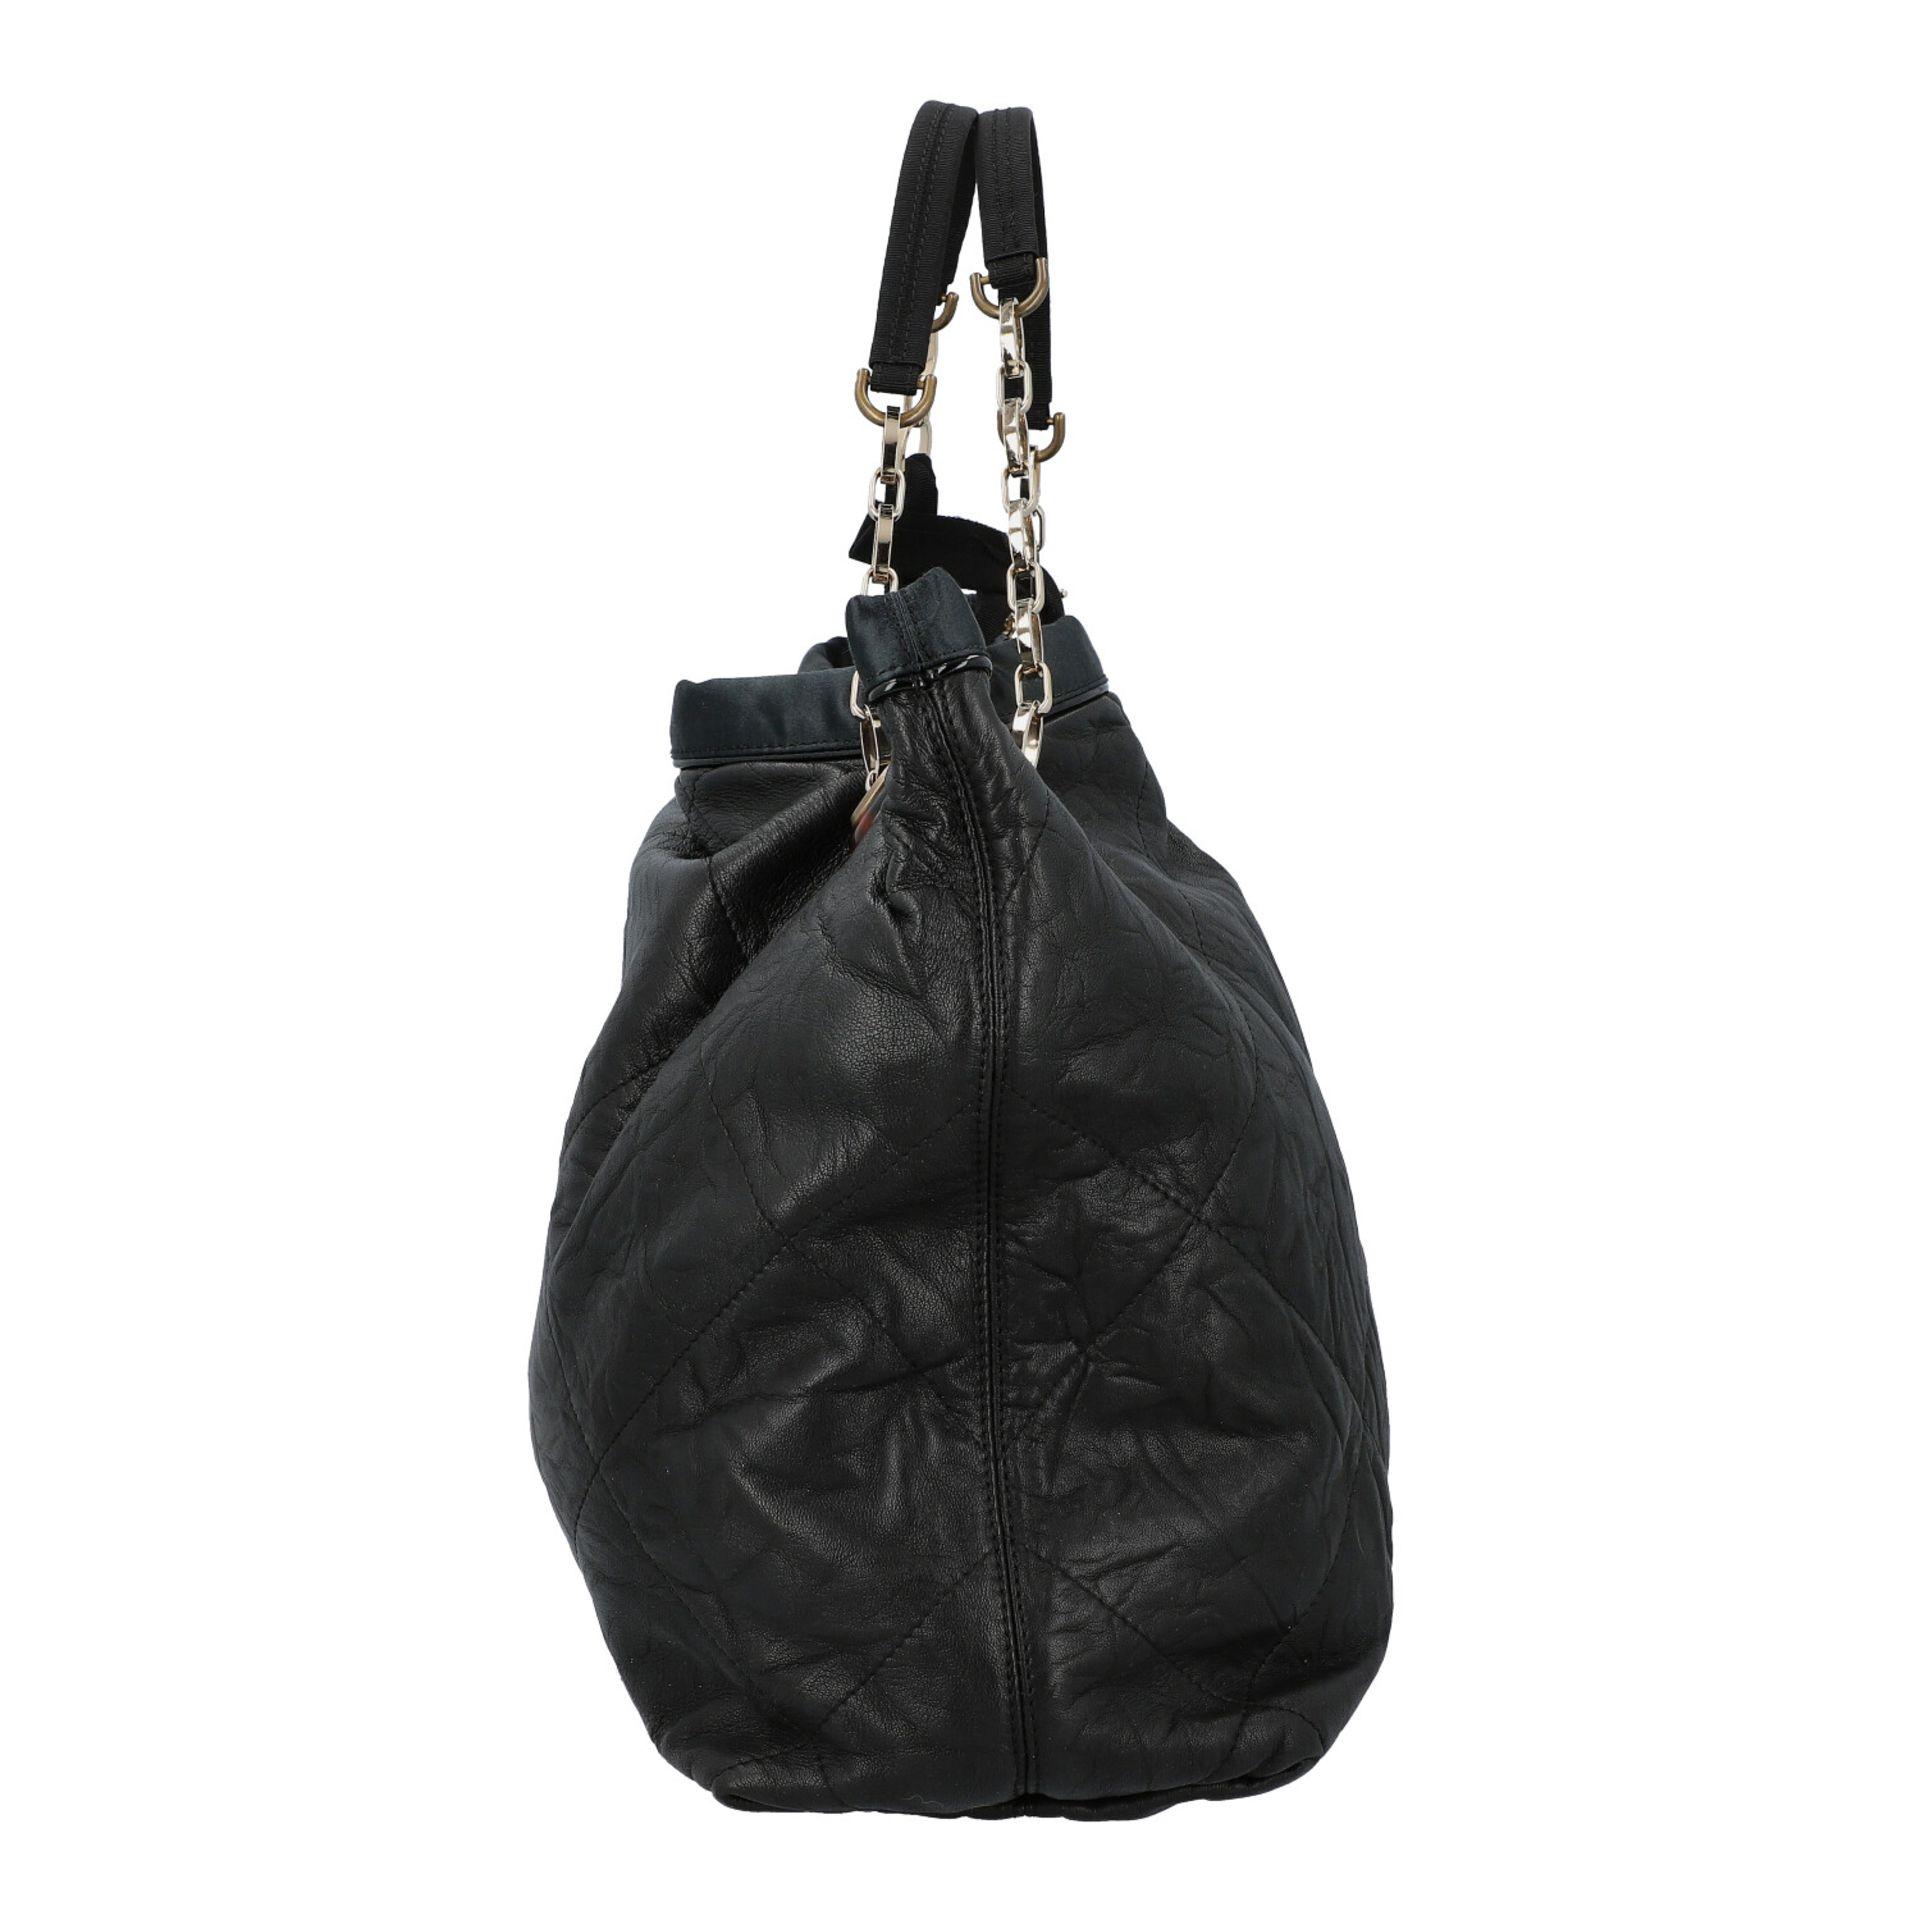 LANVIN Shoppertasche. Softes Leder in Schwarz mit Rautensteppung und dekorativen Trage - Image 3 of 8